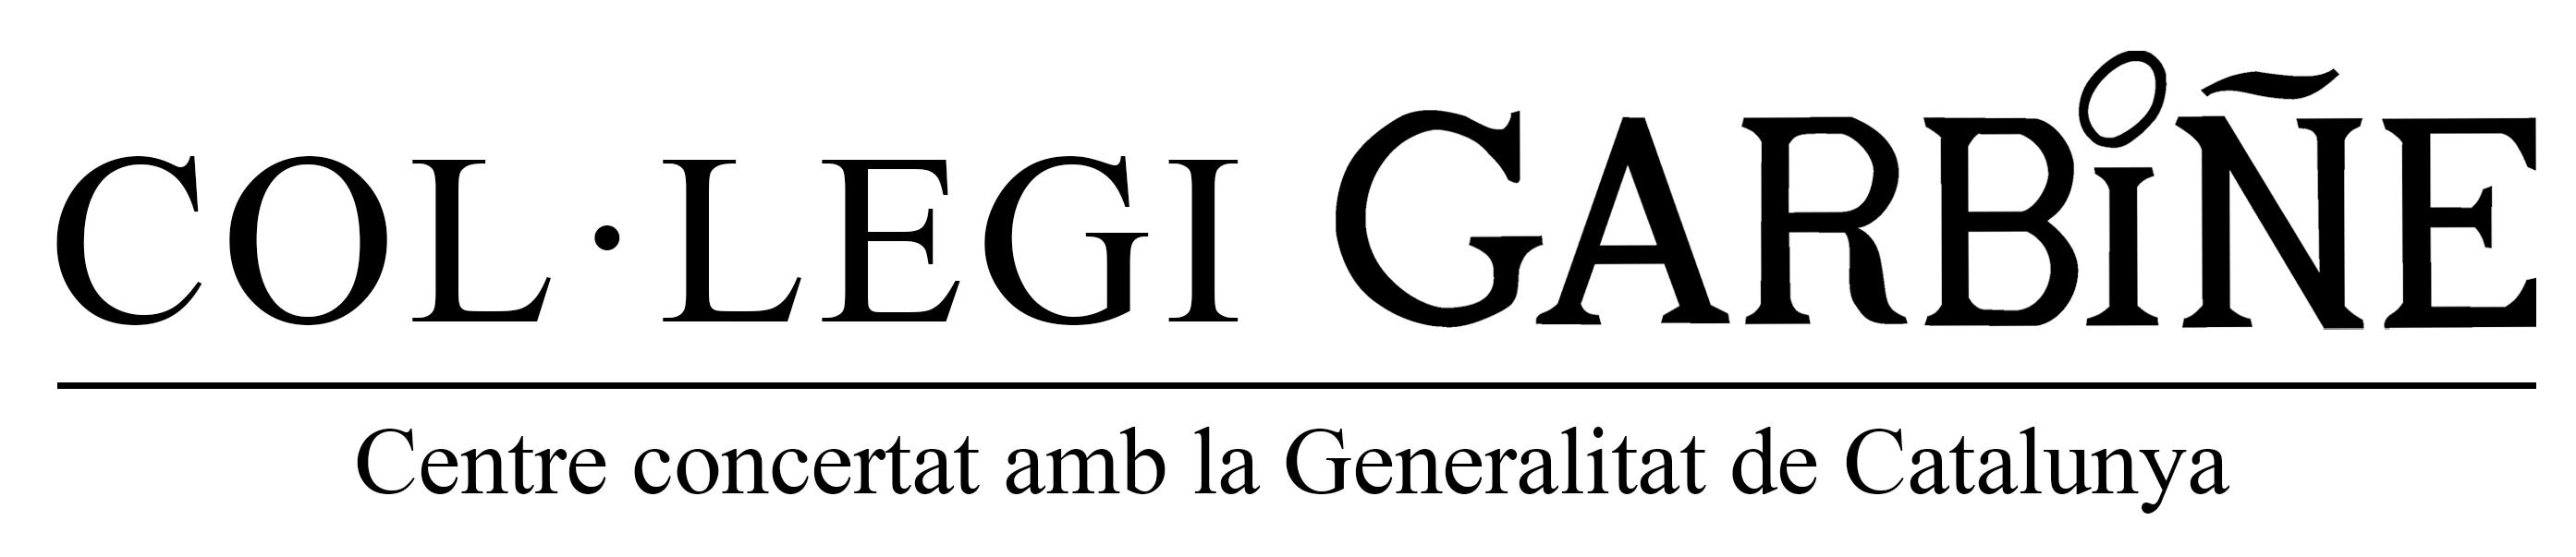 Colegio Garbiñe